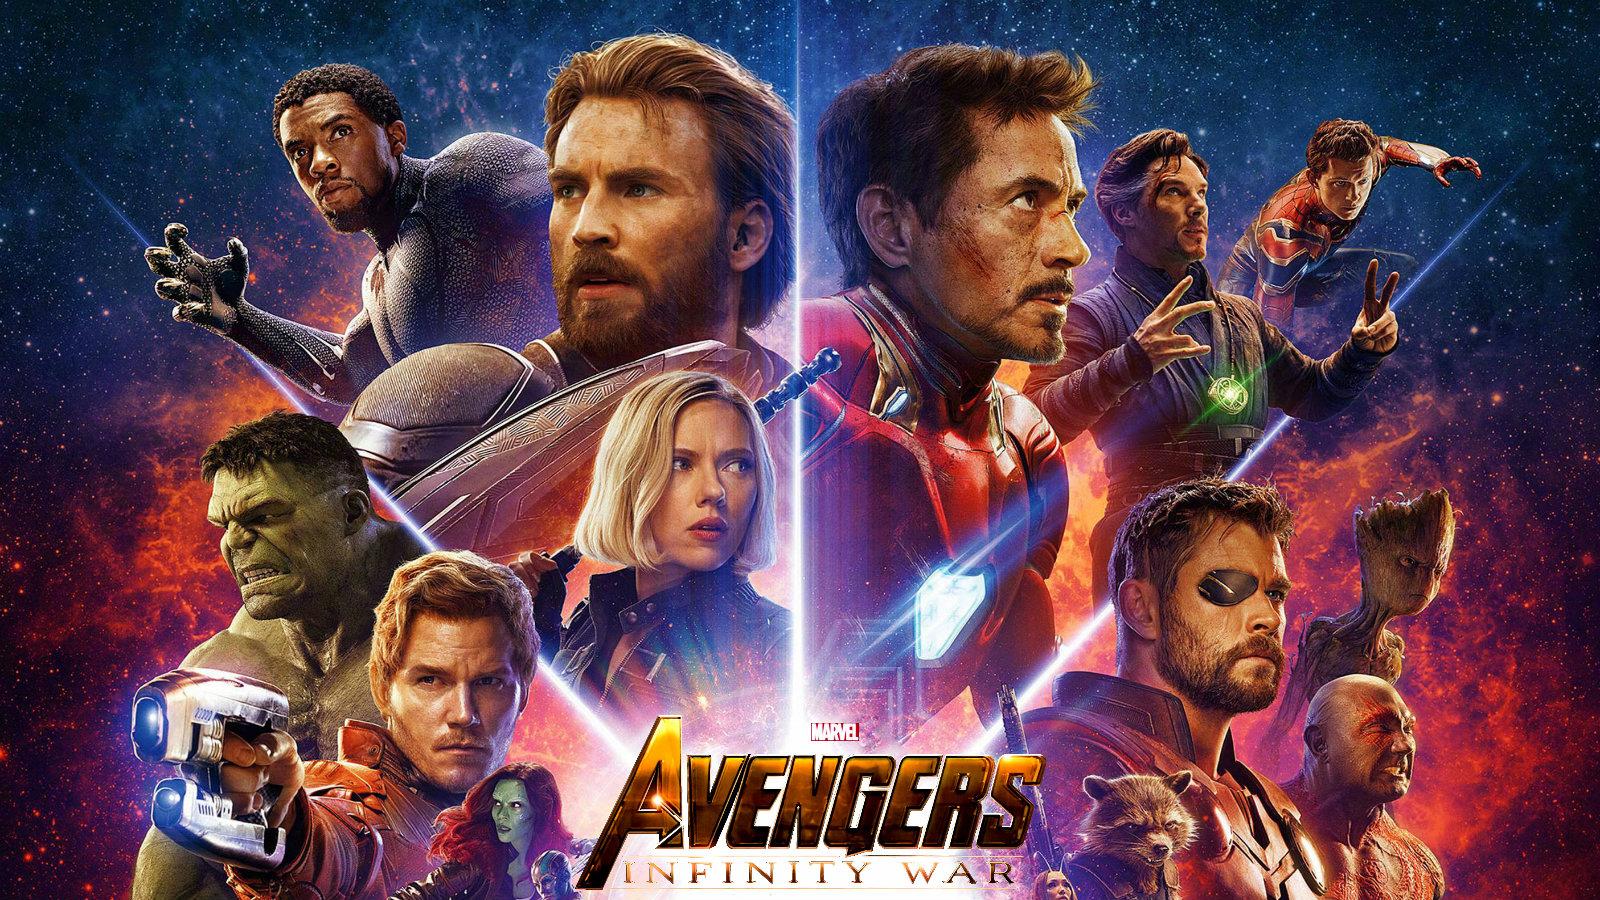 Avengers: Infinity War 1 & 2 wallpaper